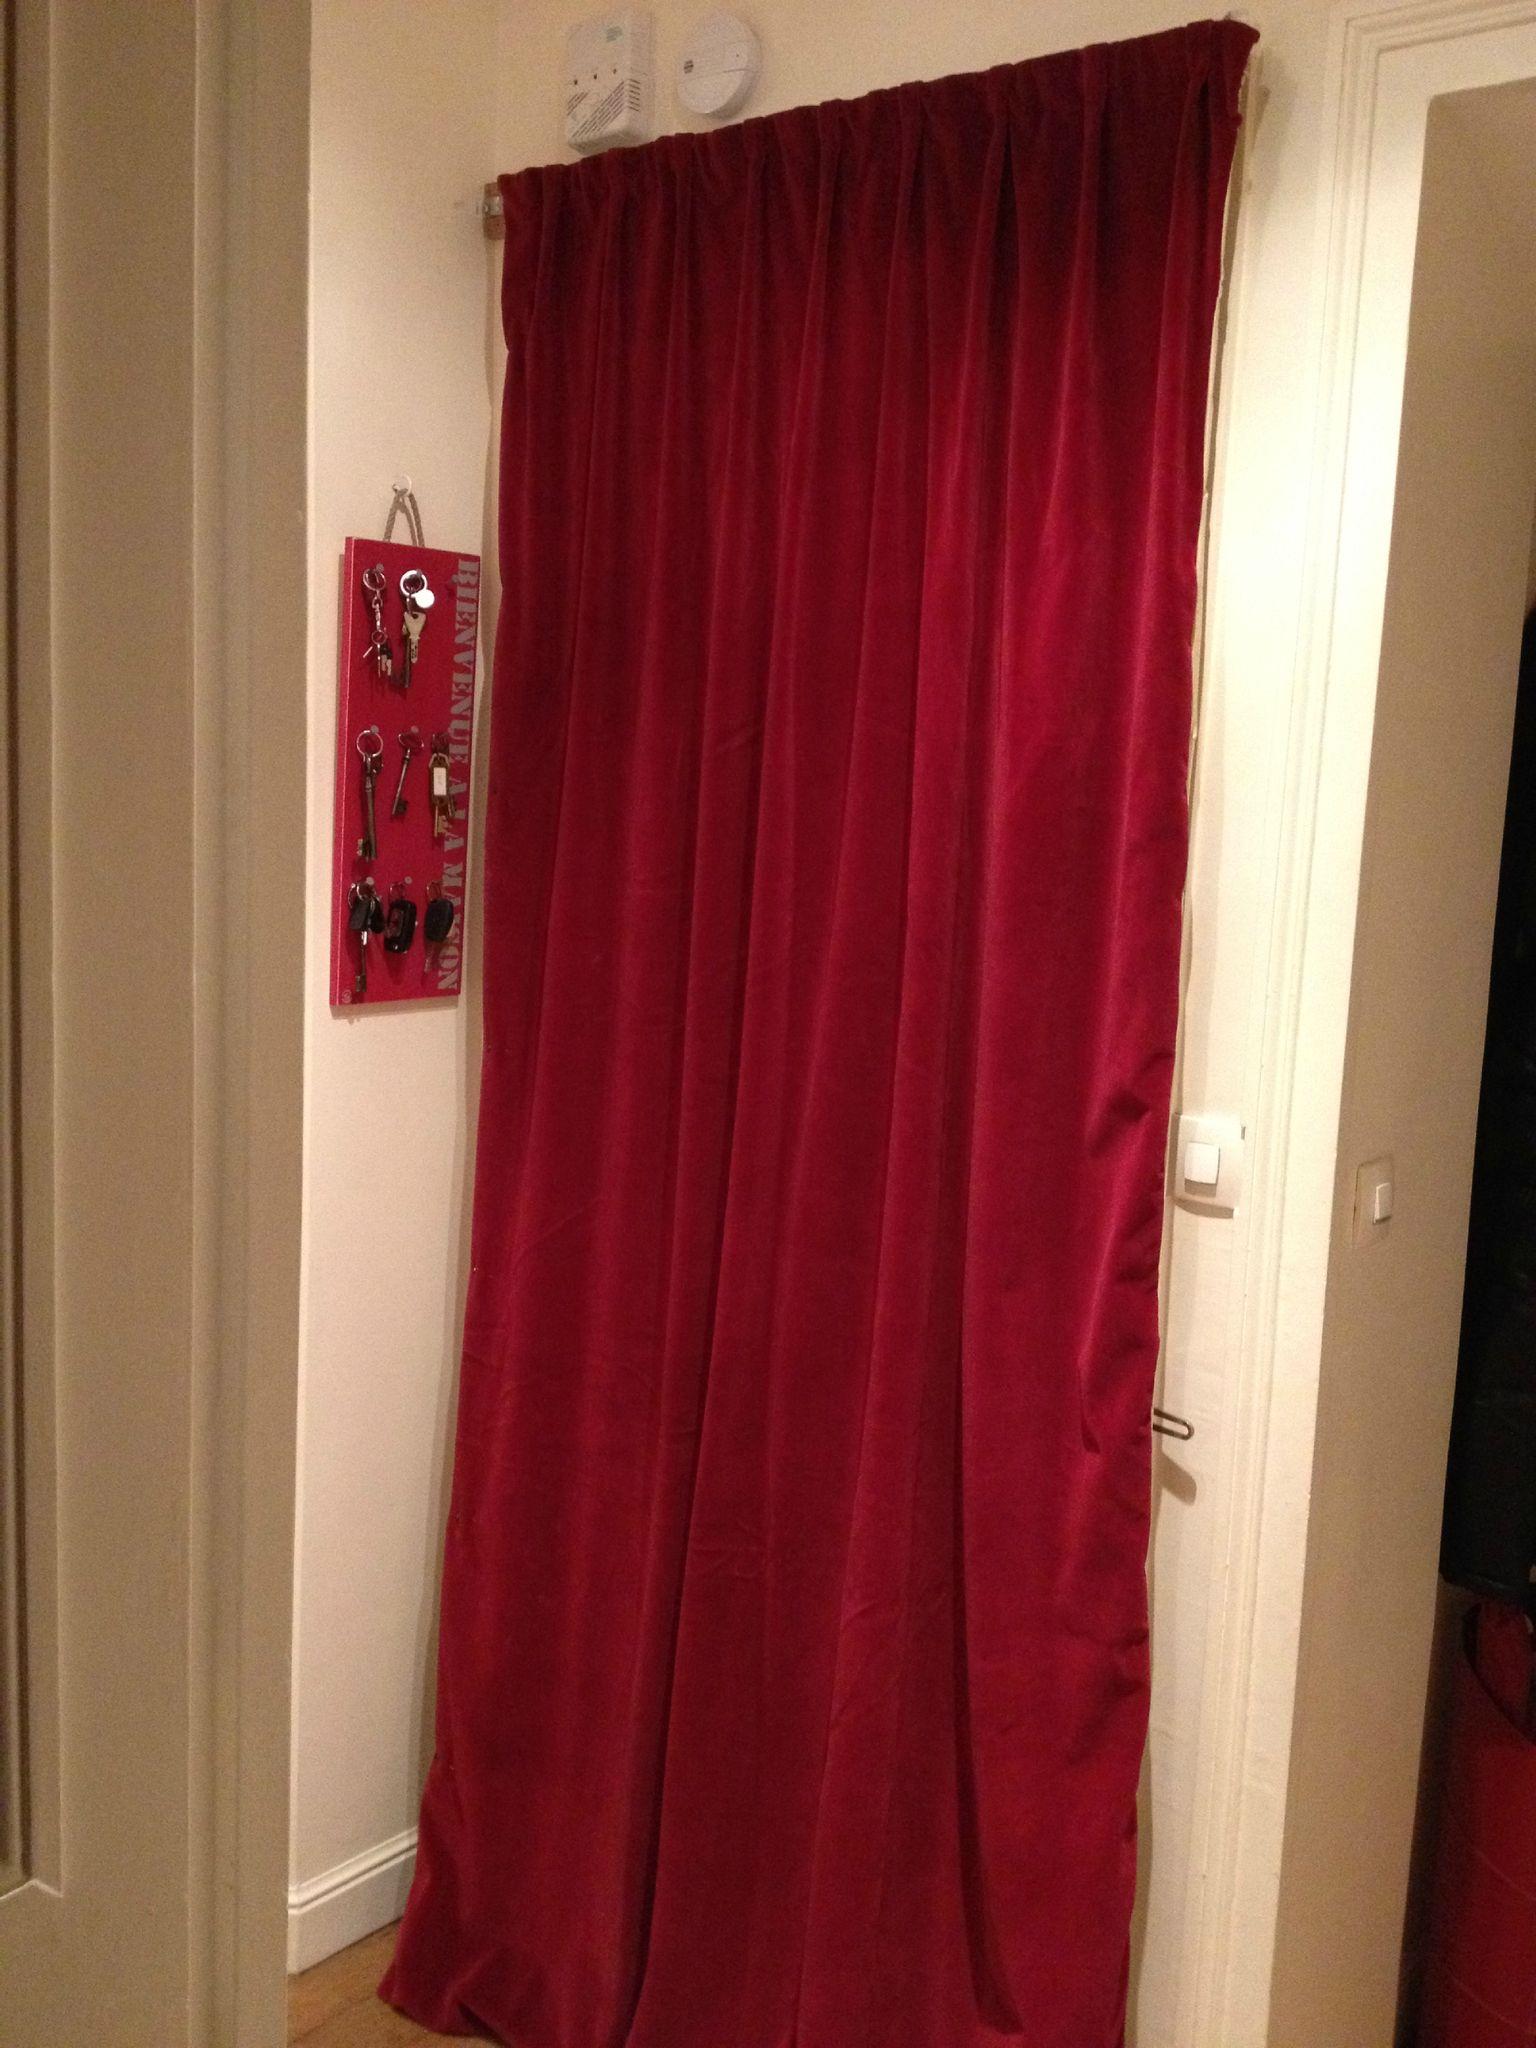 rideau isolant phonique porte d'entrée